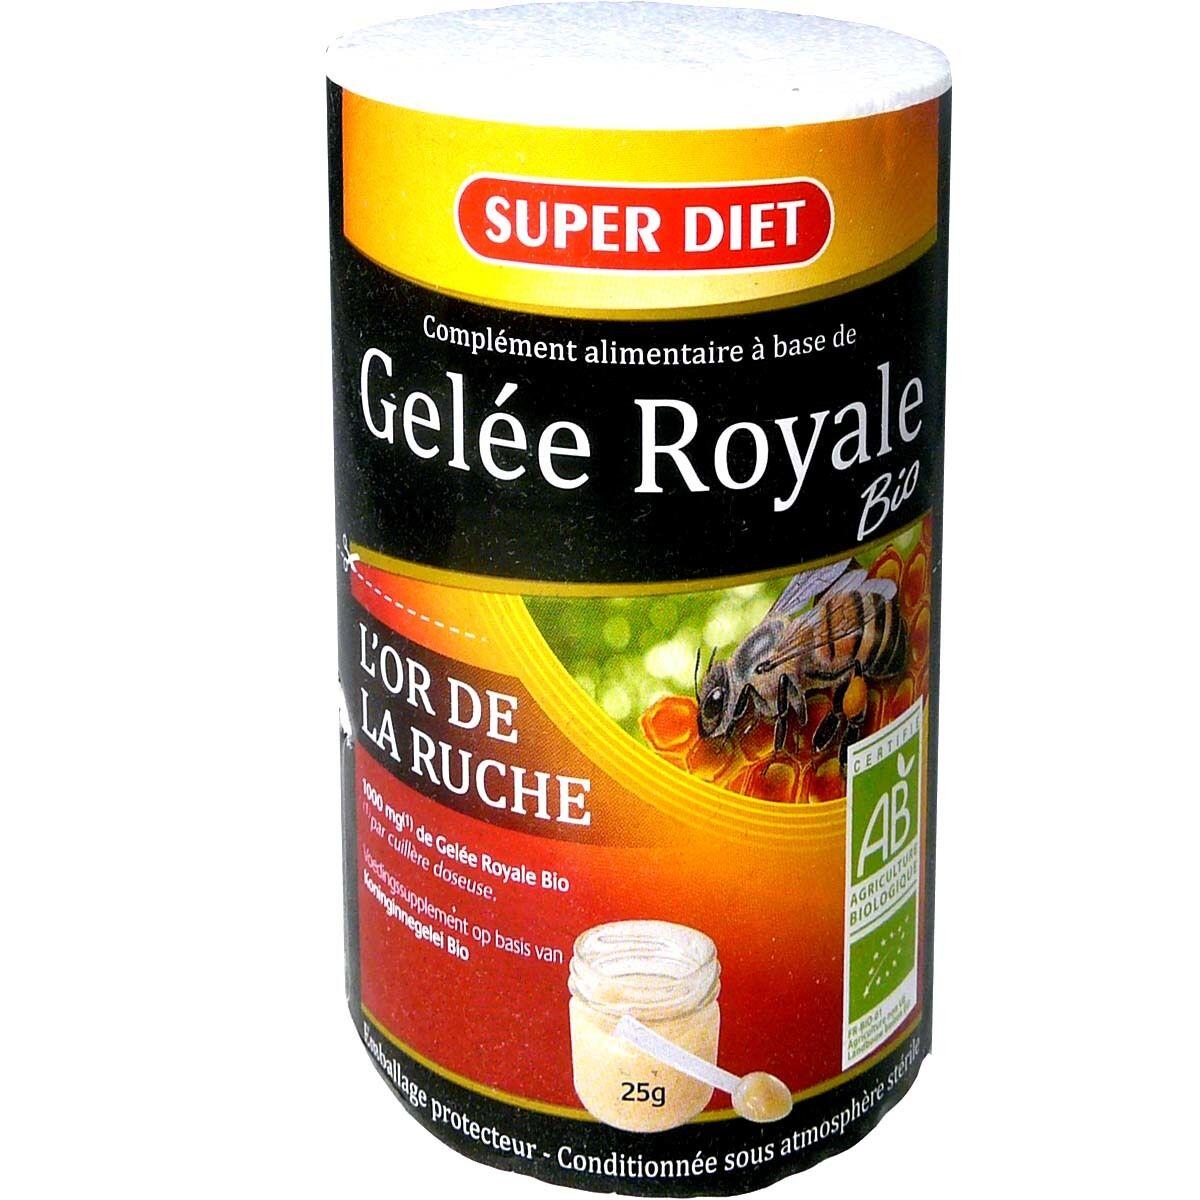 Super diet gelee royale bio l'or de la ruche 25g